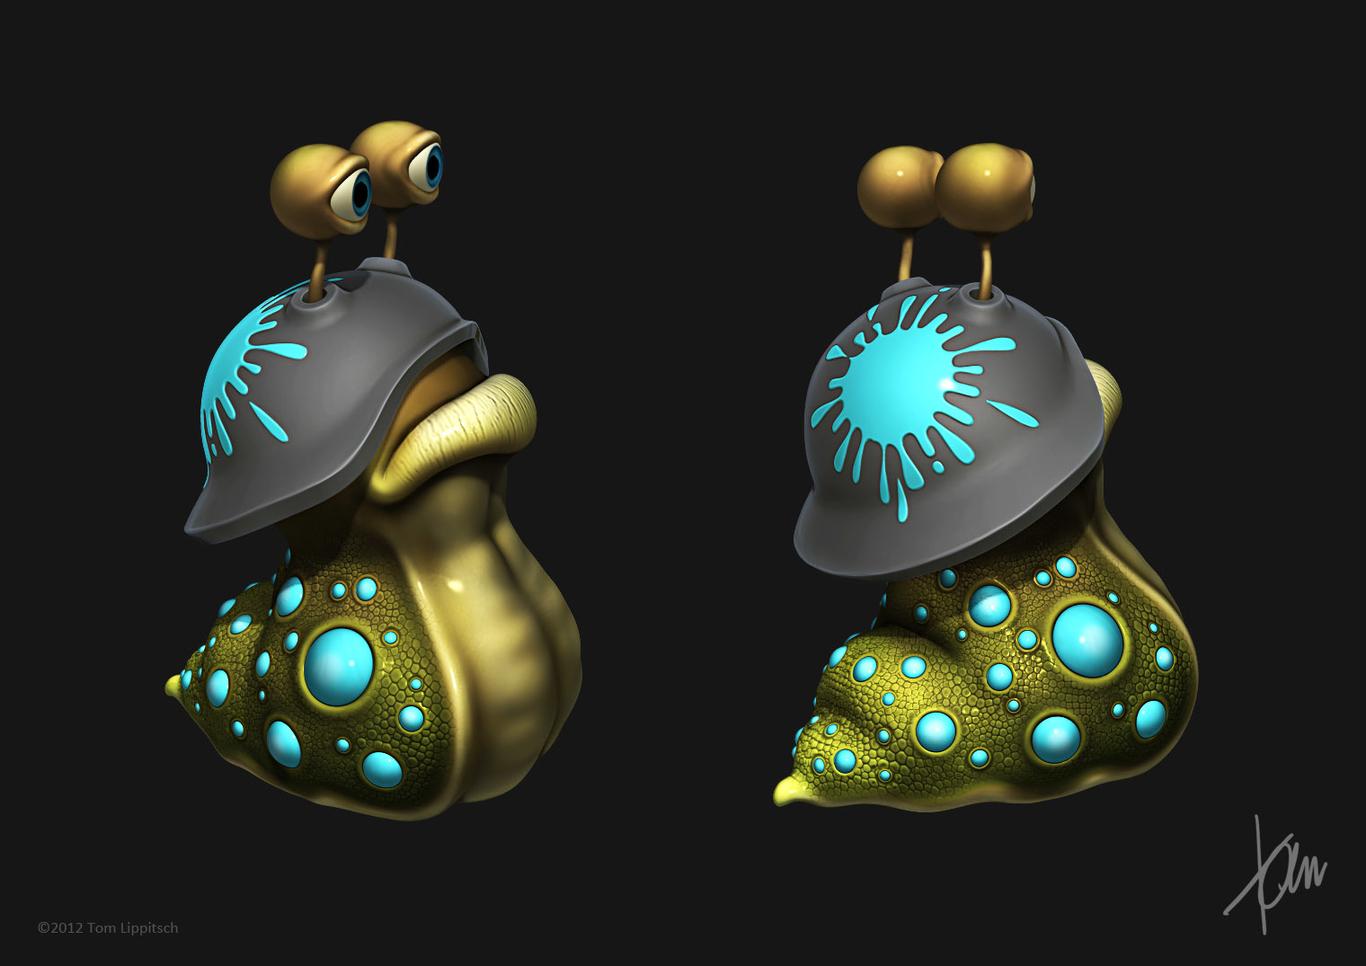 Throbberwocky astroslug colored 1 93bf1a68 vnm7